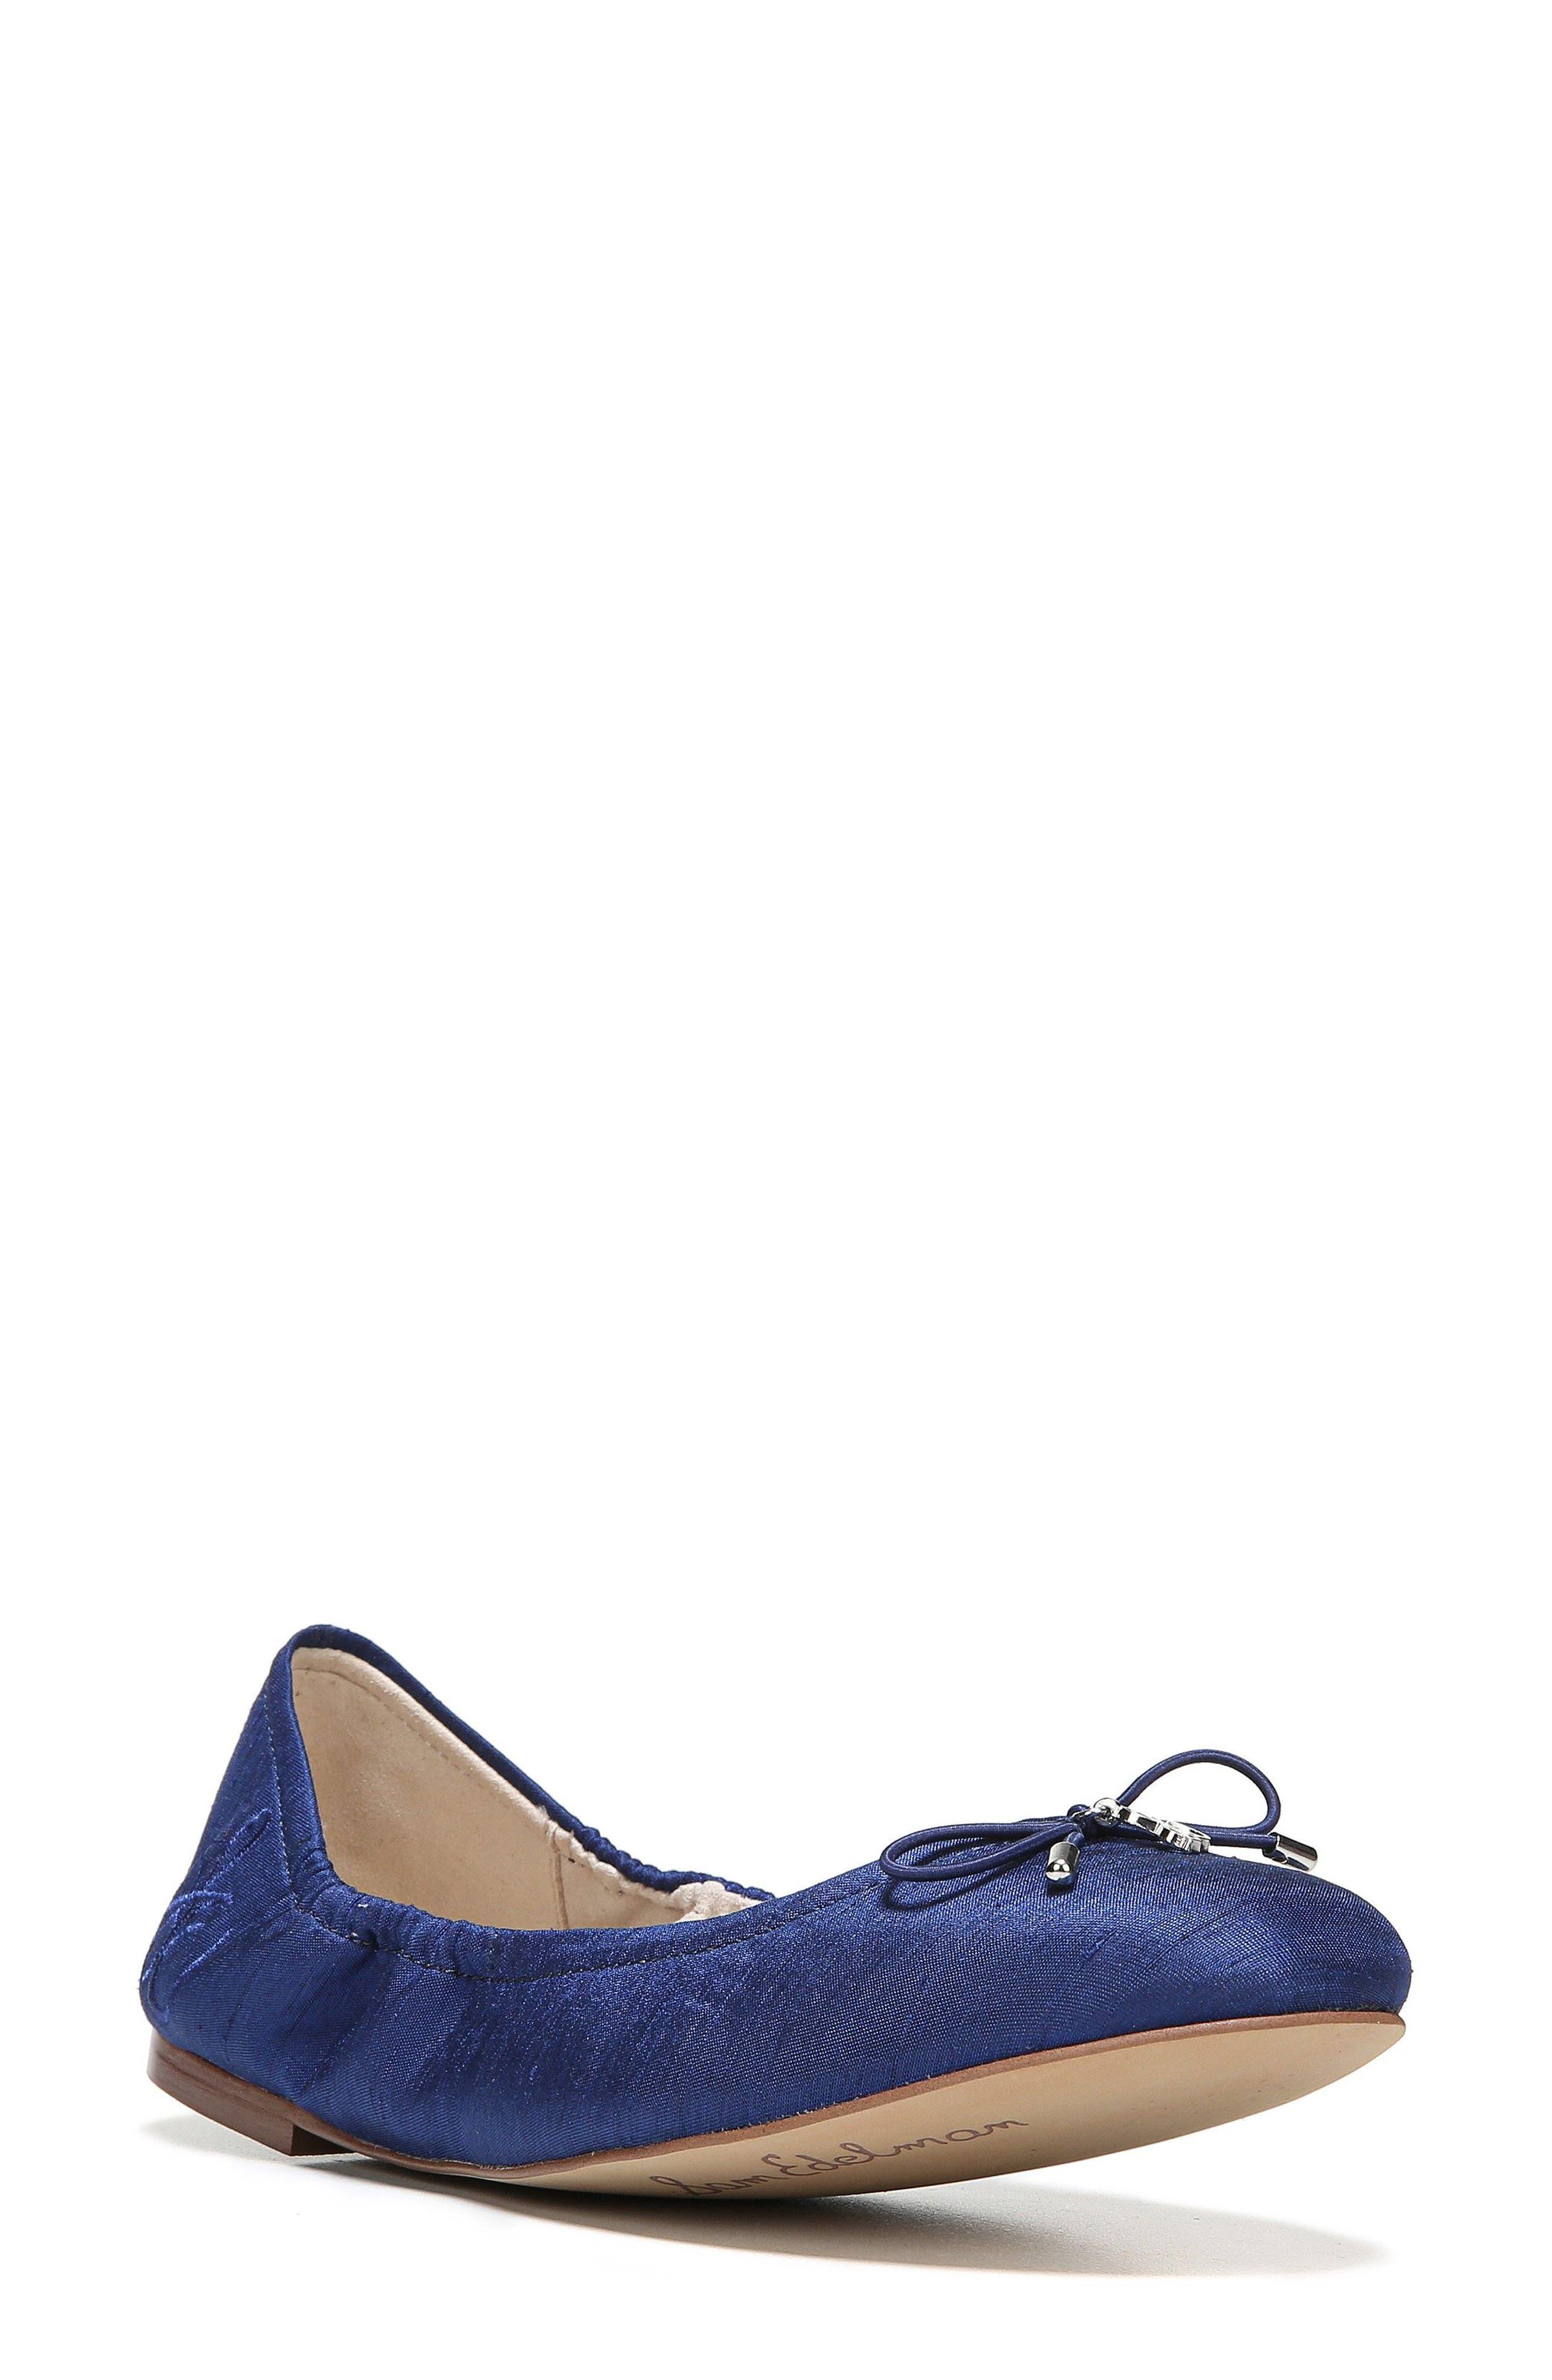 'Felicia' Flat,                         Main,                         color, Blue Nautical